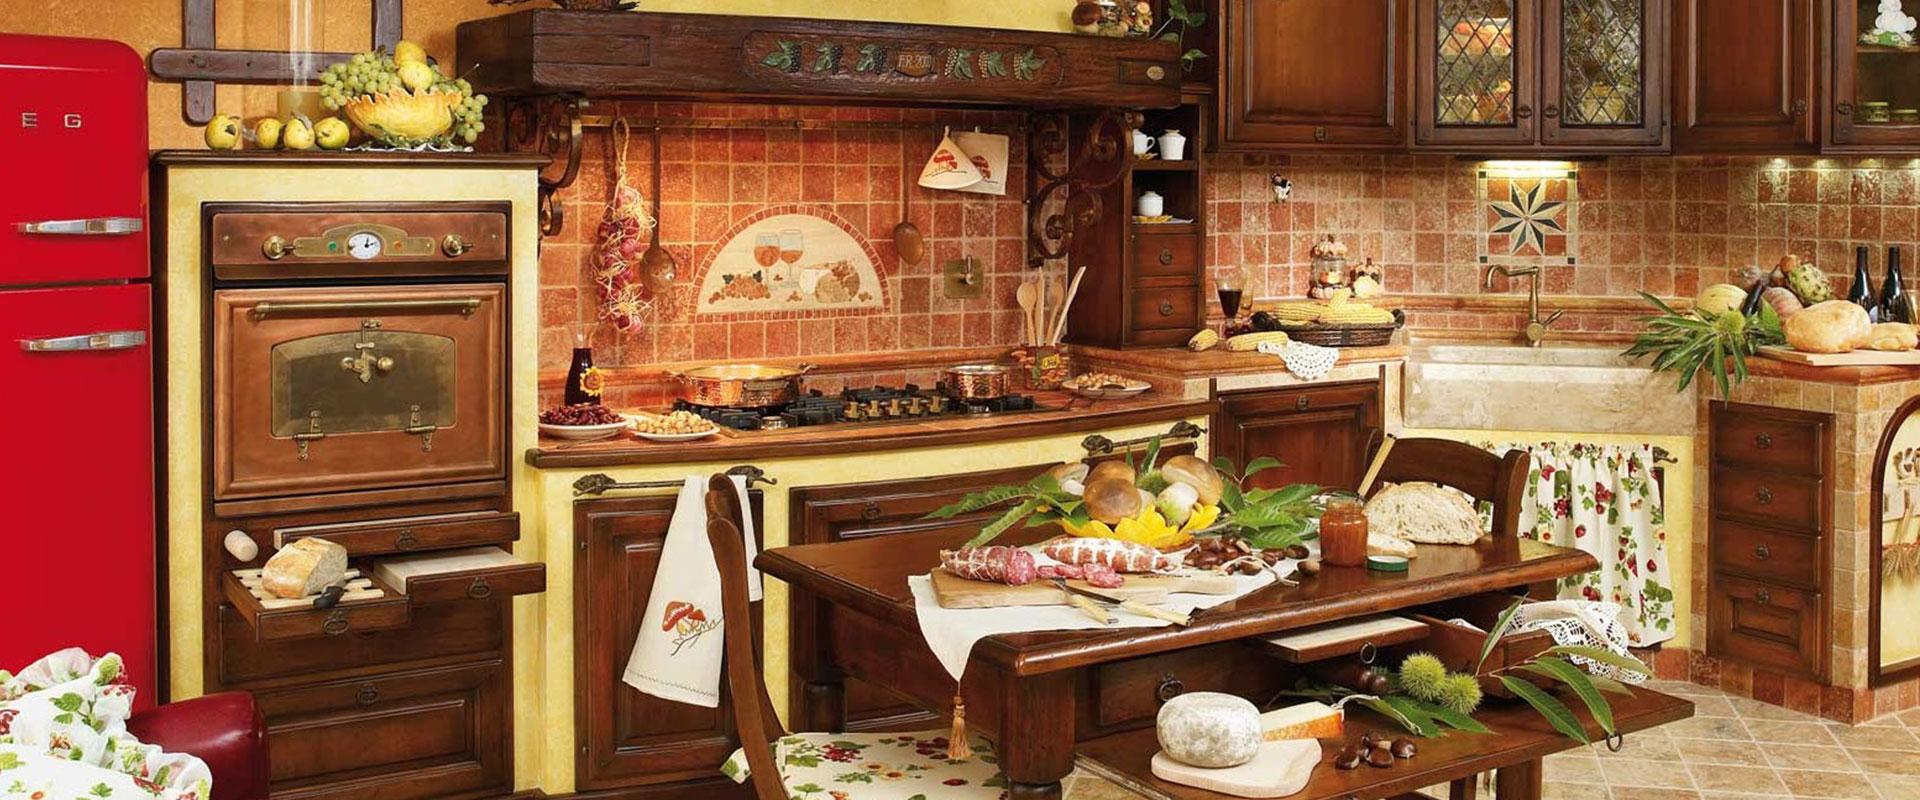 Cucine in Finta Muratura - Fonte del Rustico